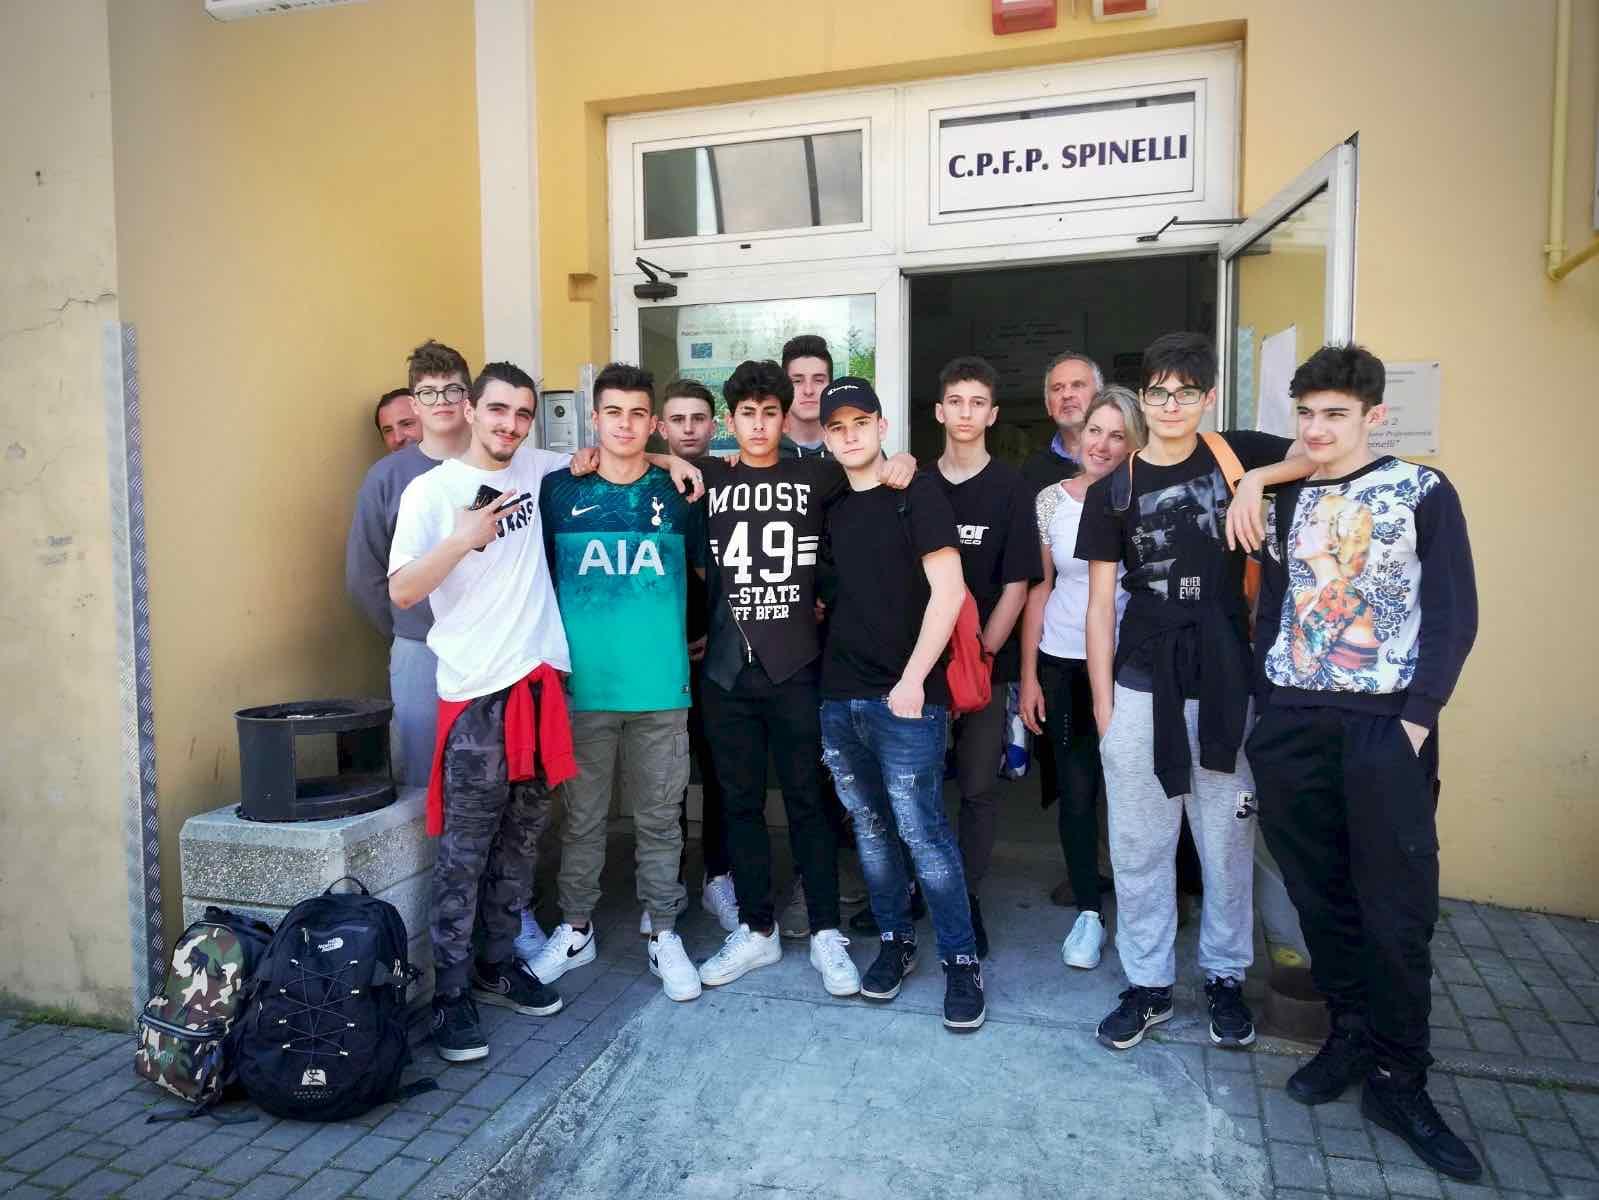 Gli allievi del CFP Spinelli di Genova in visita all'azienda Nobel Sport Italia